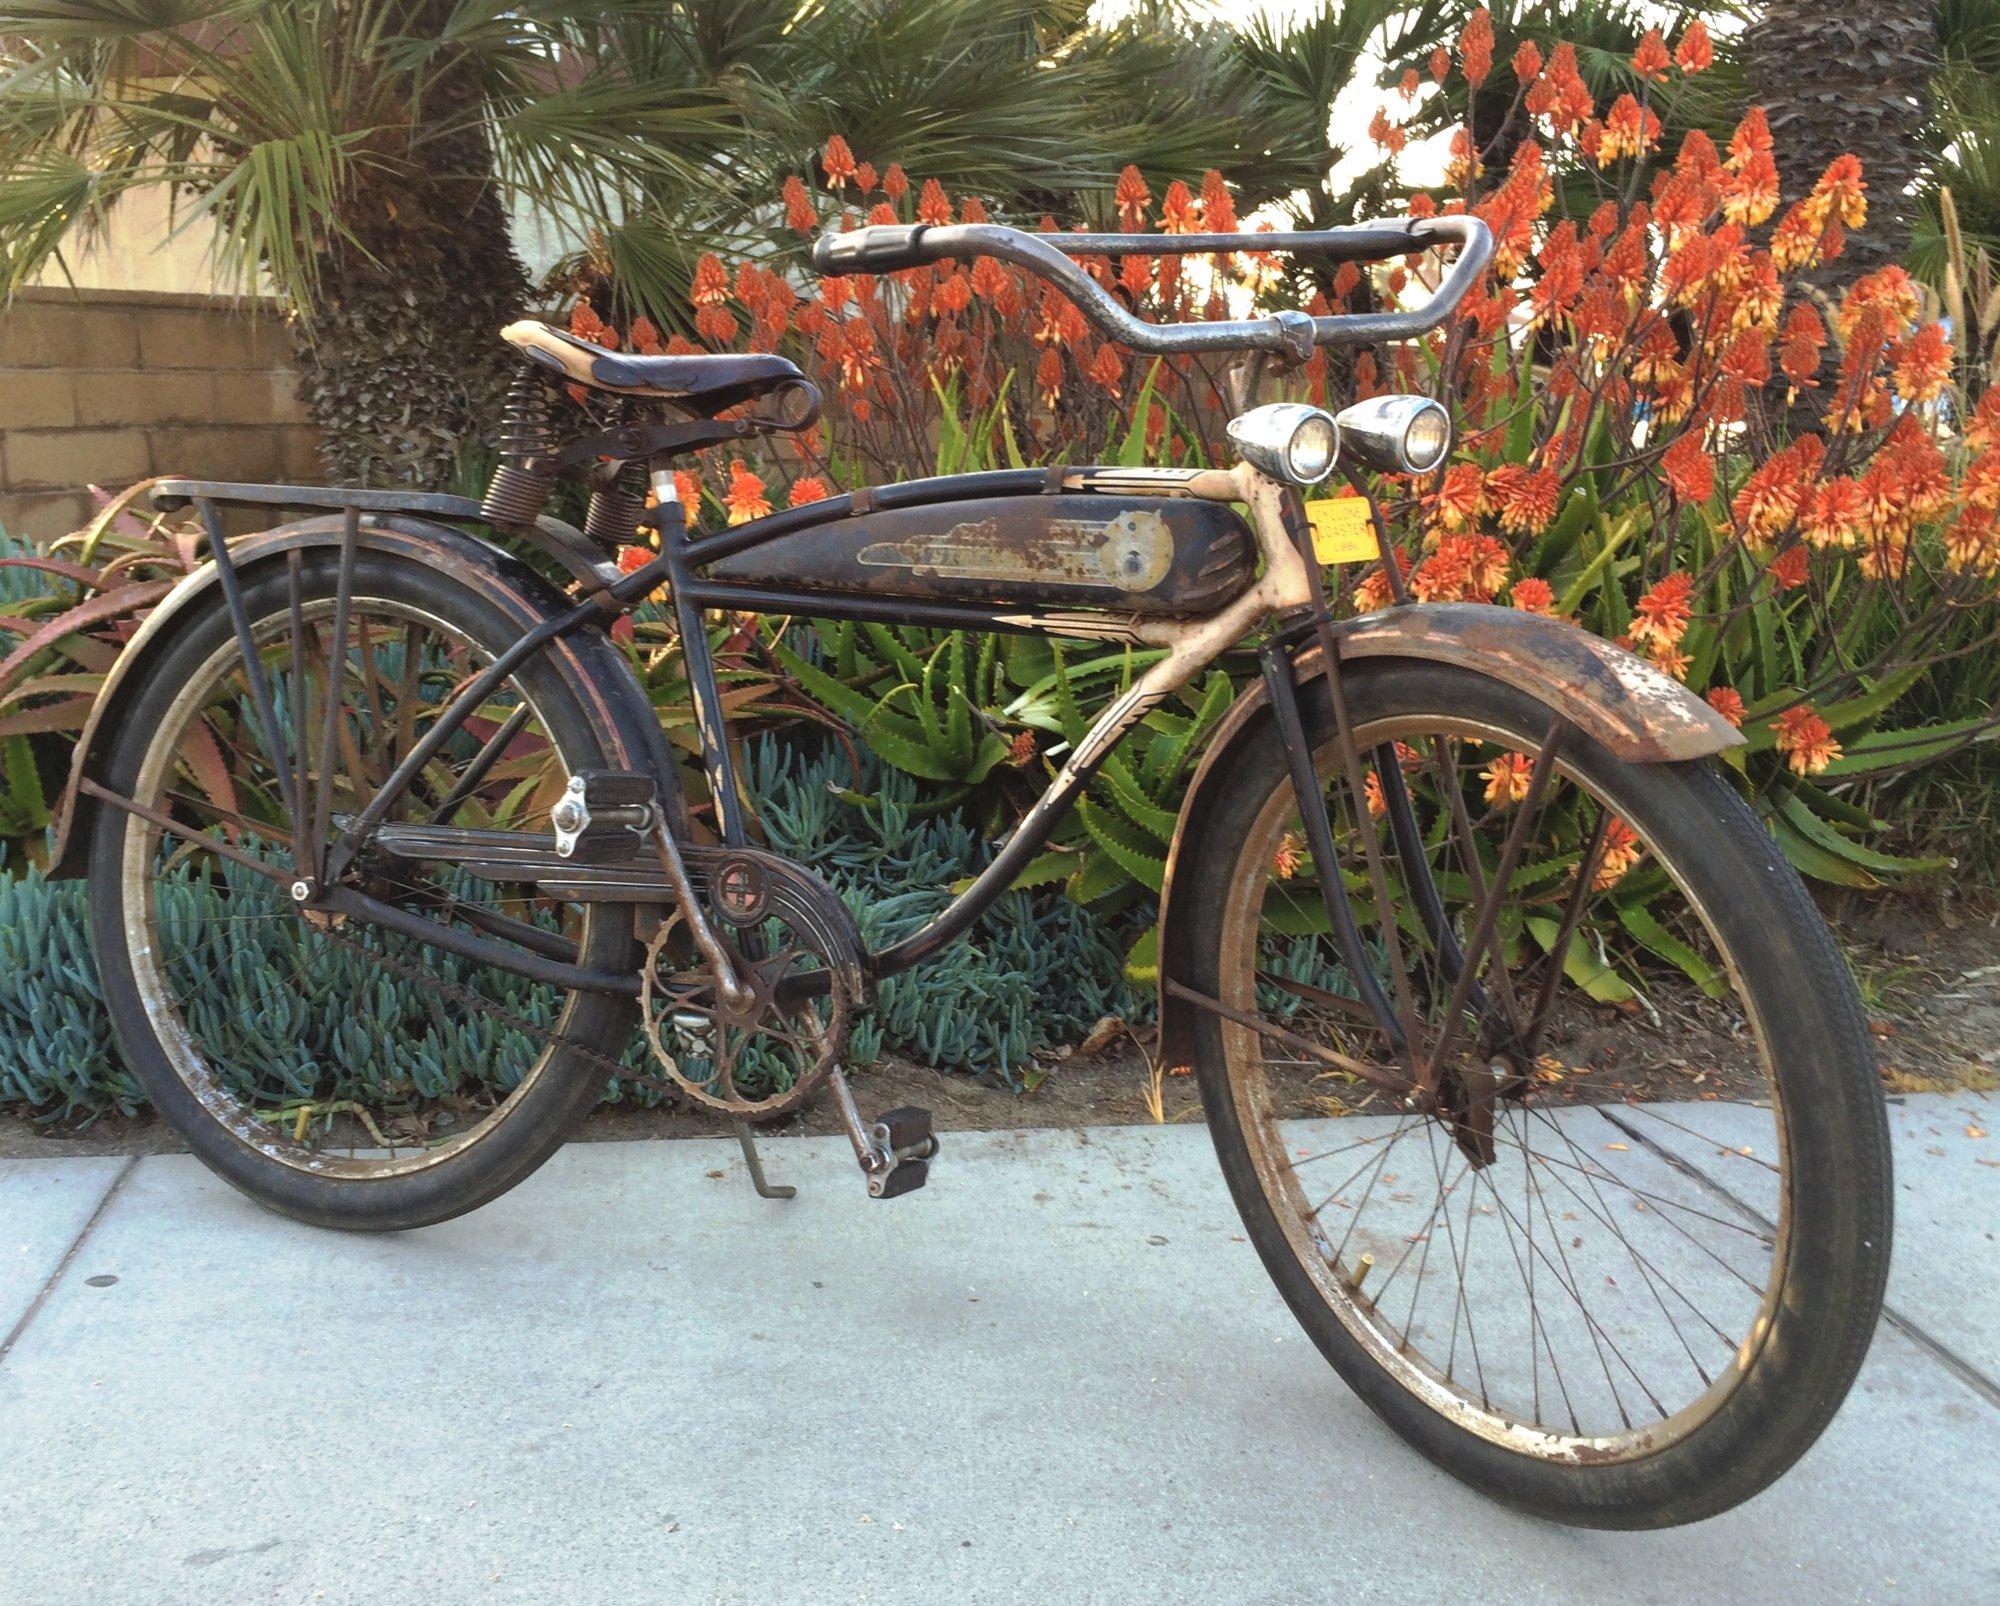 1941 BFG Schwinn Black & Ivory Crusty - 1.jpg